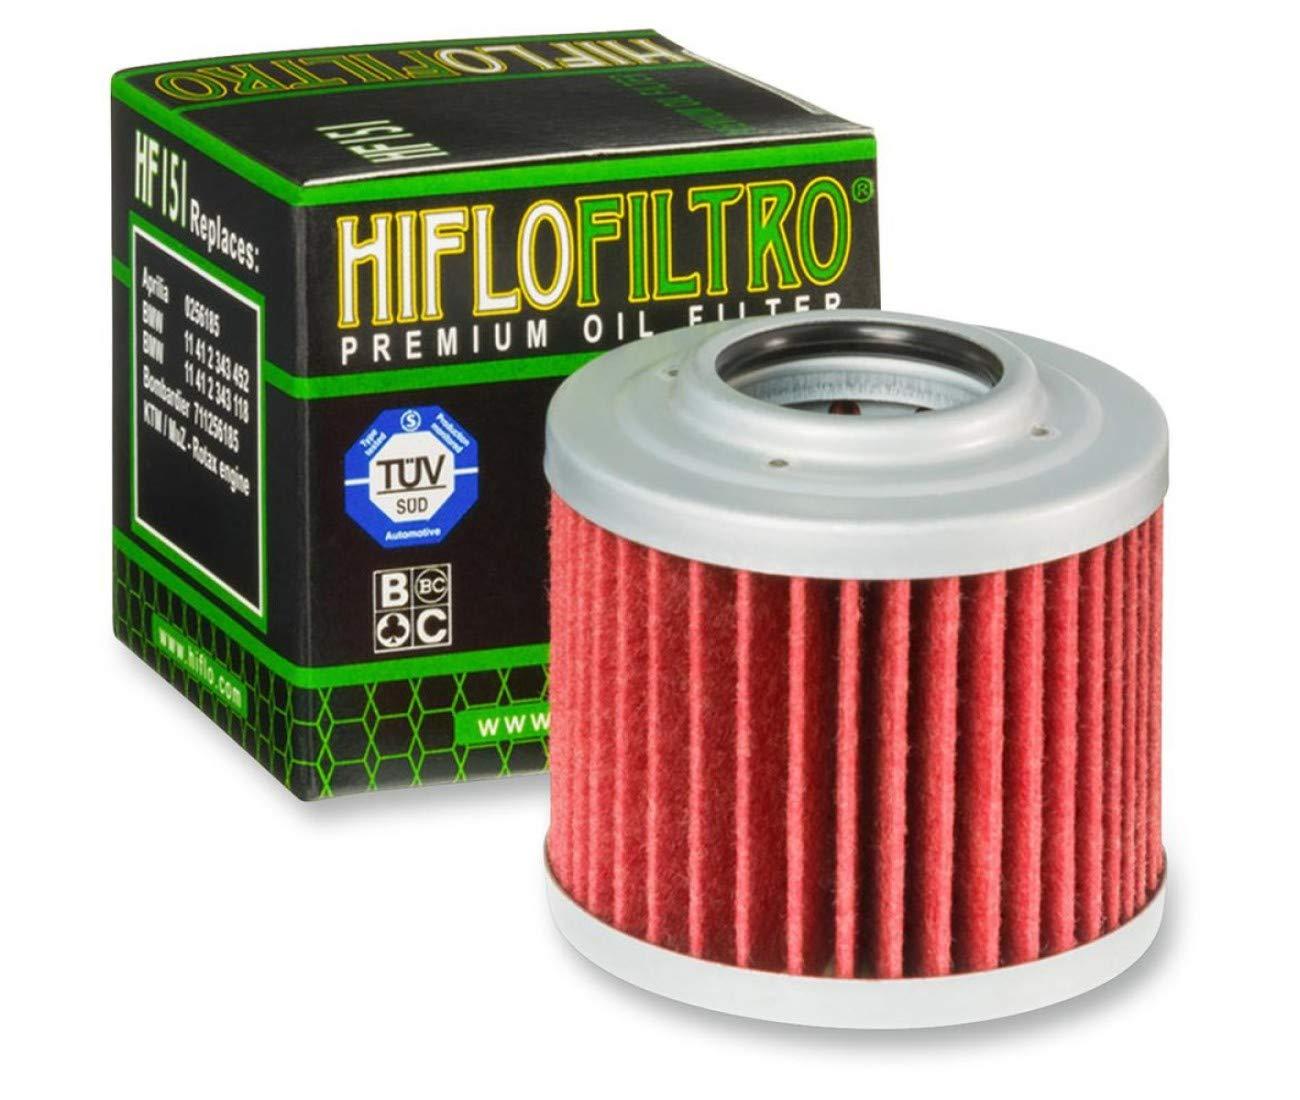 HF151 BMW Filtro de aceite para F650/F 650/Scarver CS GS ST G650